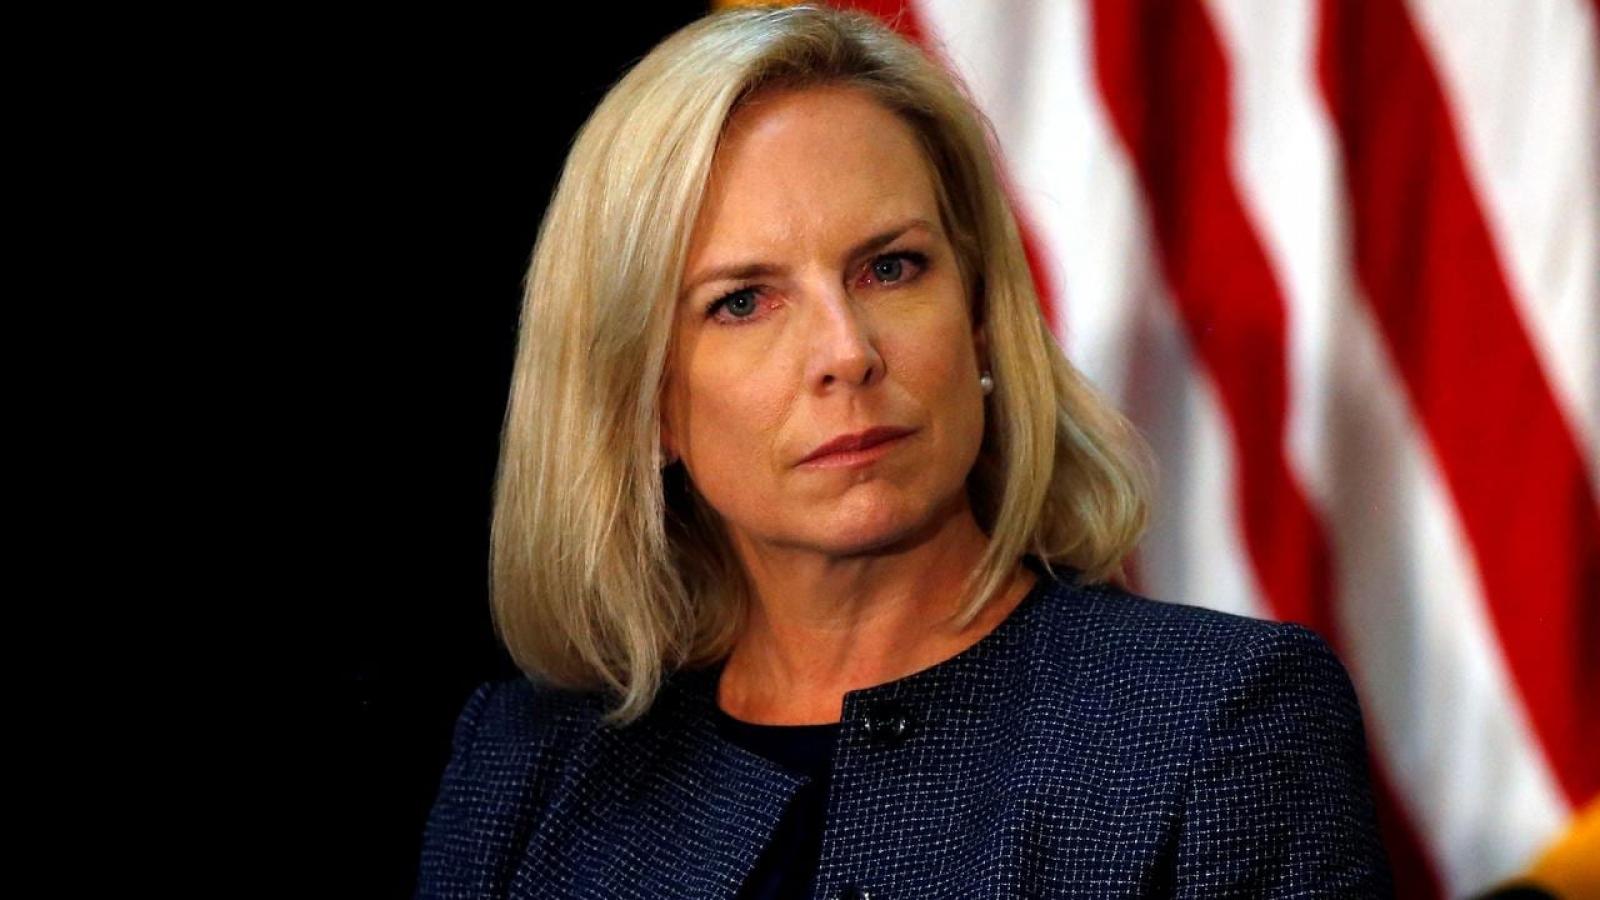 Australia thuê cựu Bộ trưởng Mỹ xây dựng chiến lược an ninh mạng